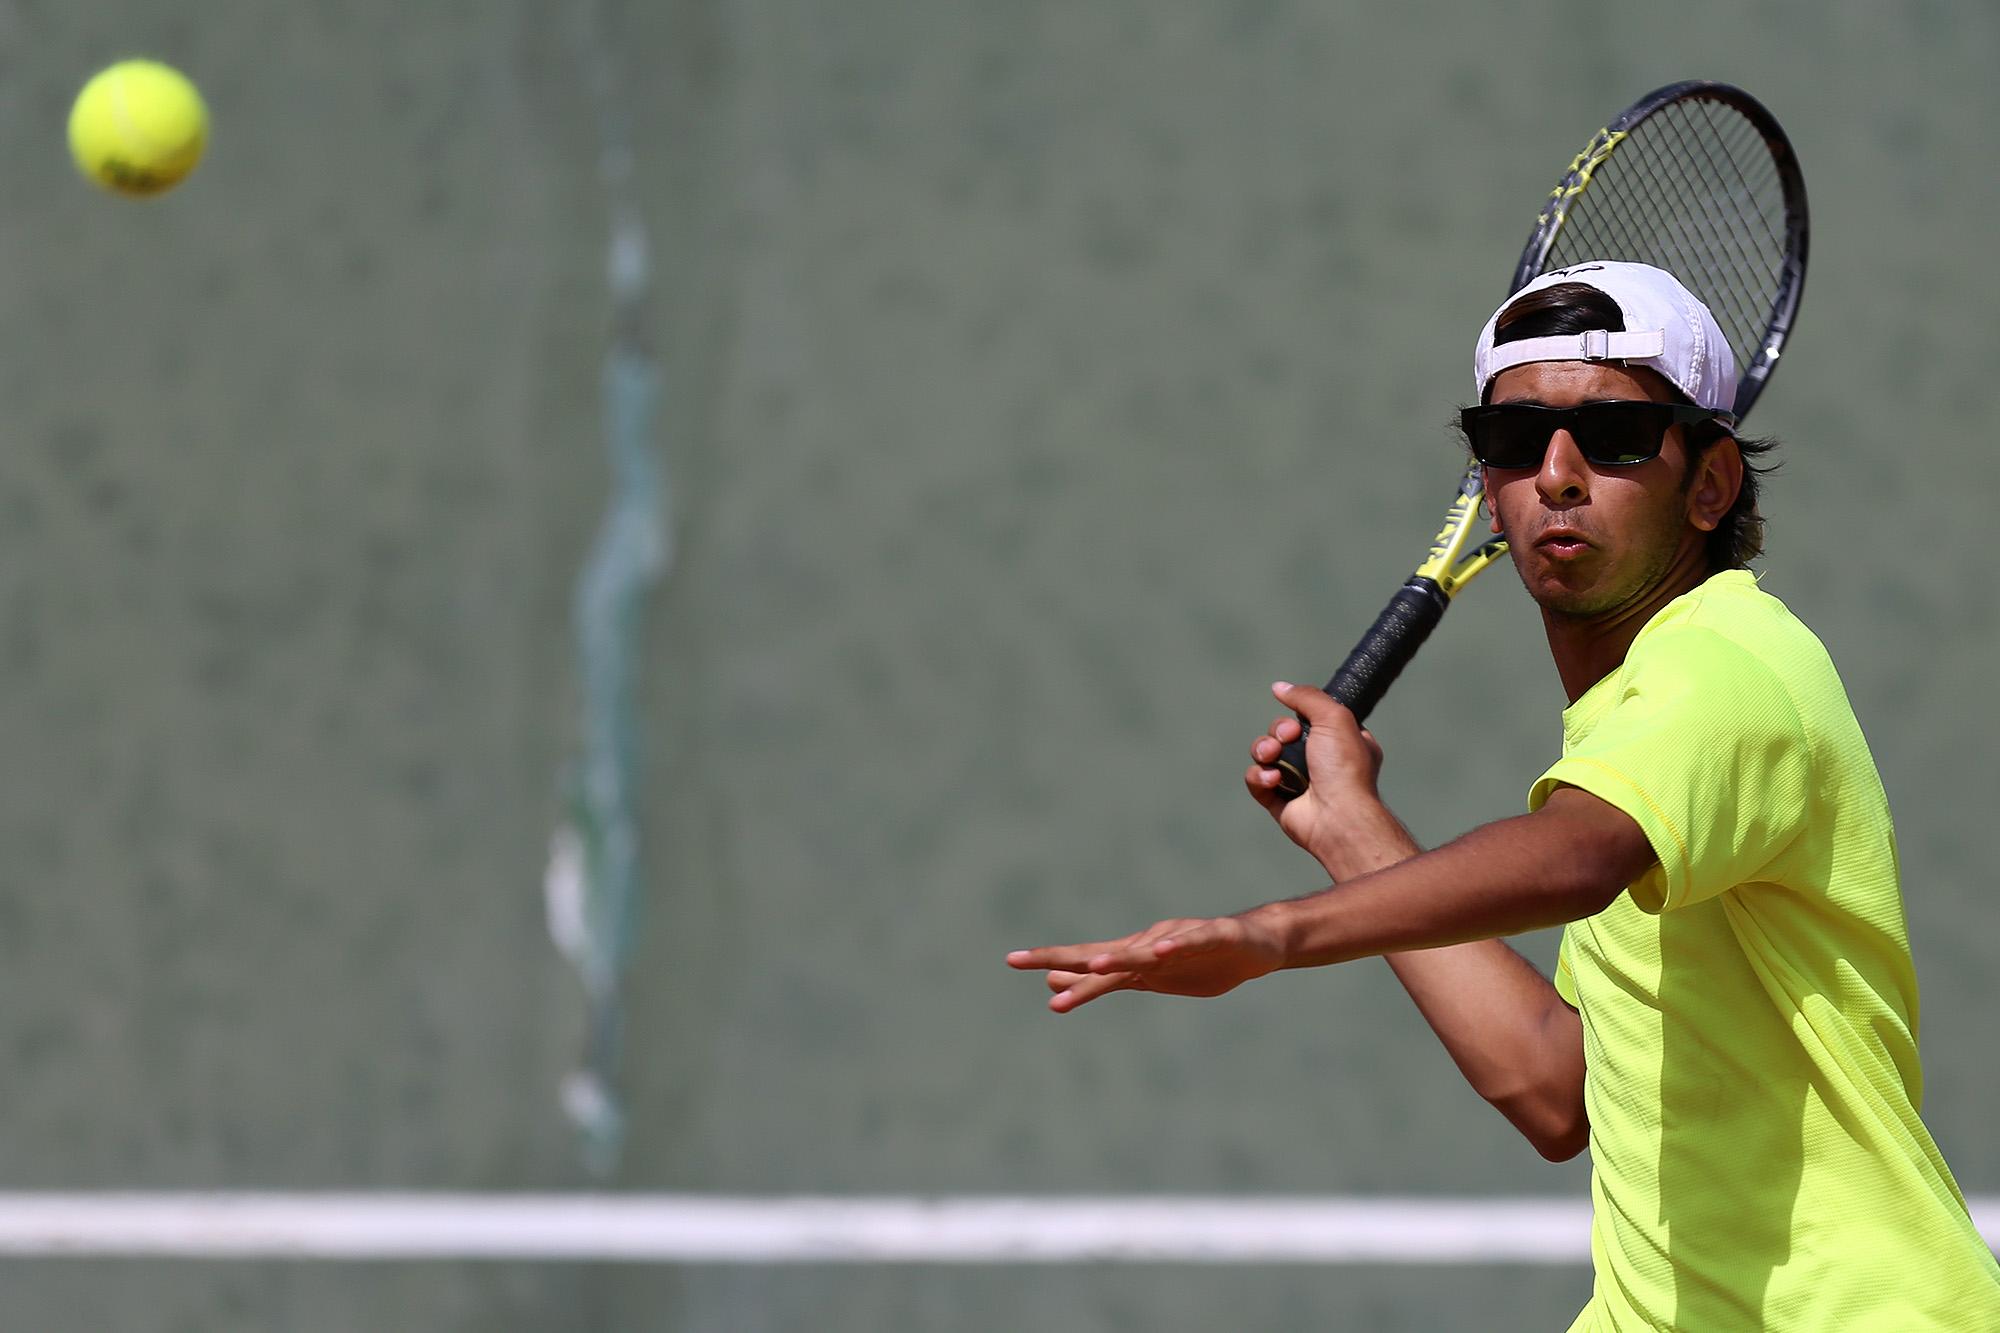 گزارش تصویری / مسابقات جام حذفی تنیس قهرمانی کشور در جزیره کیش